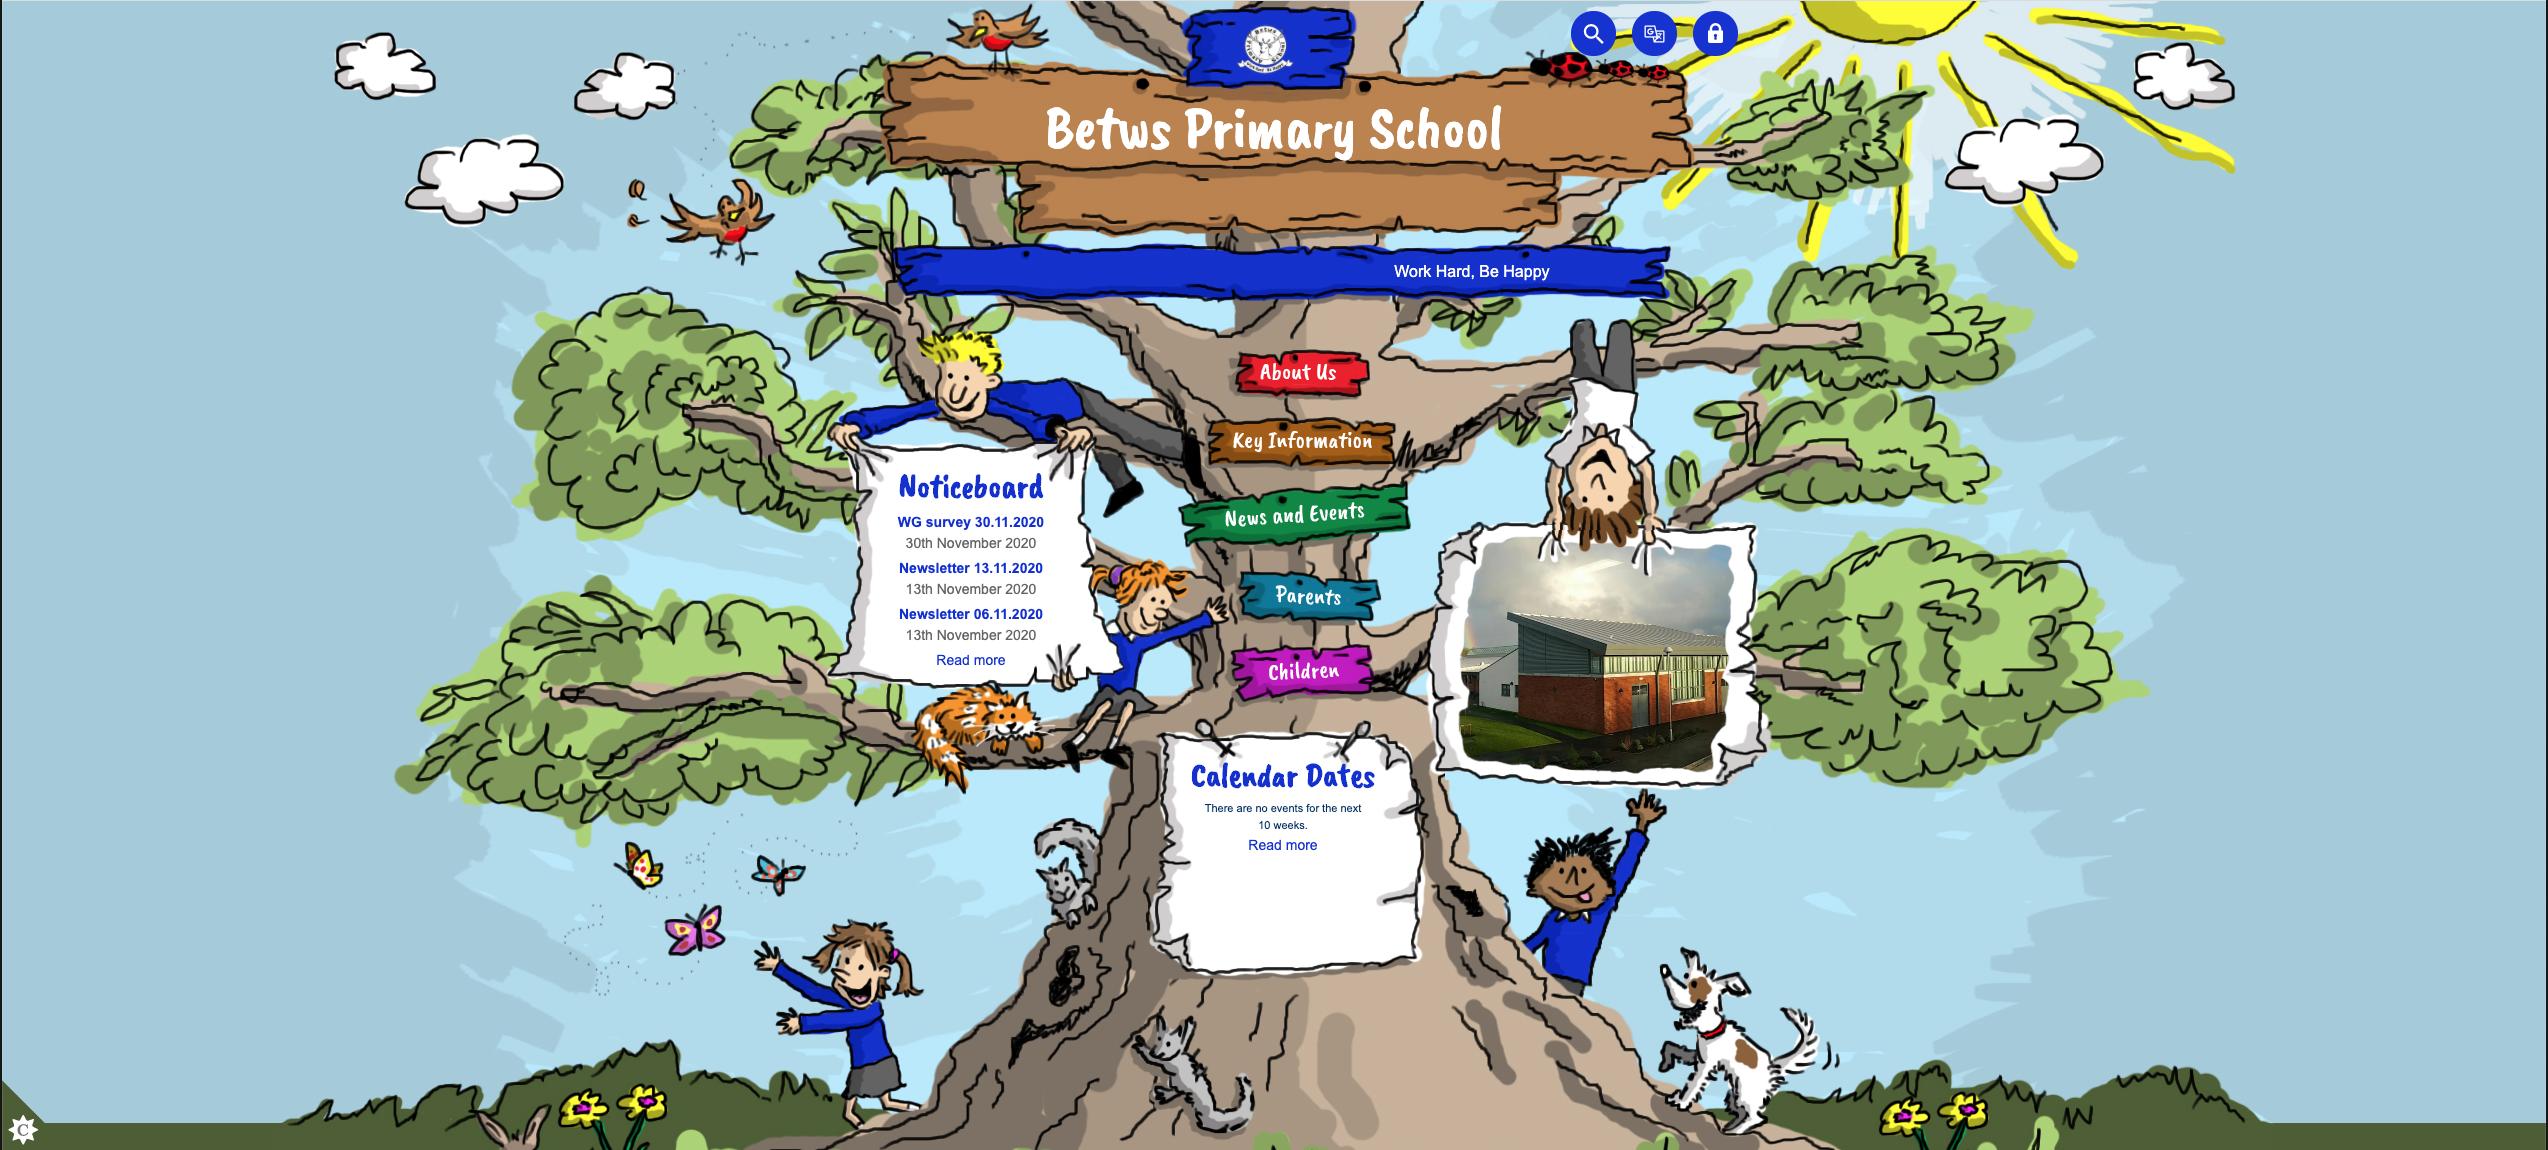 Betws Primary School